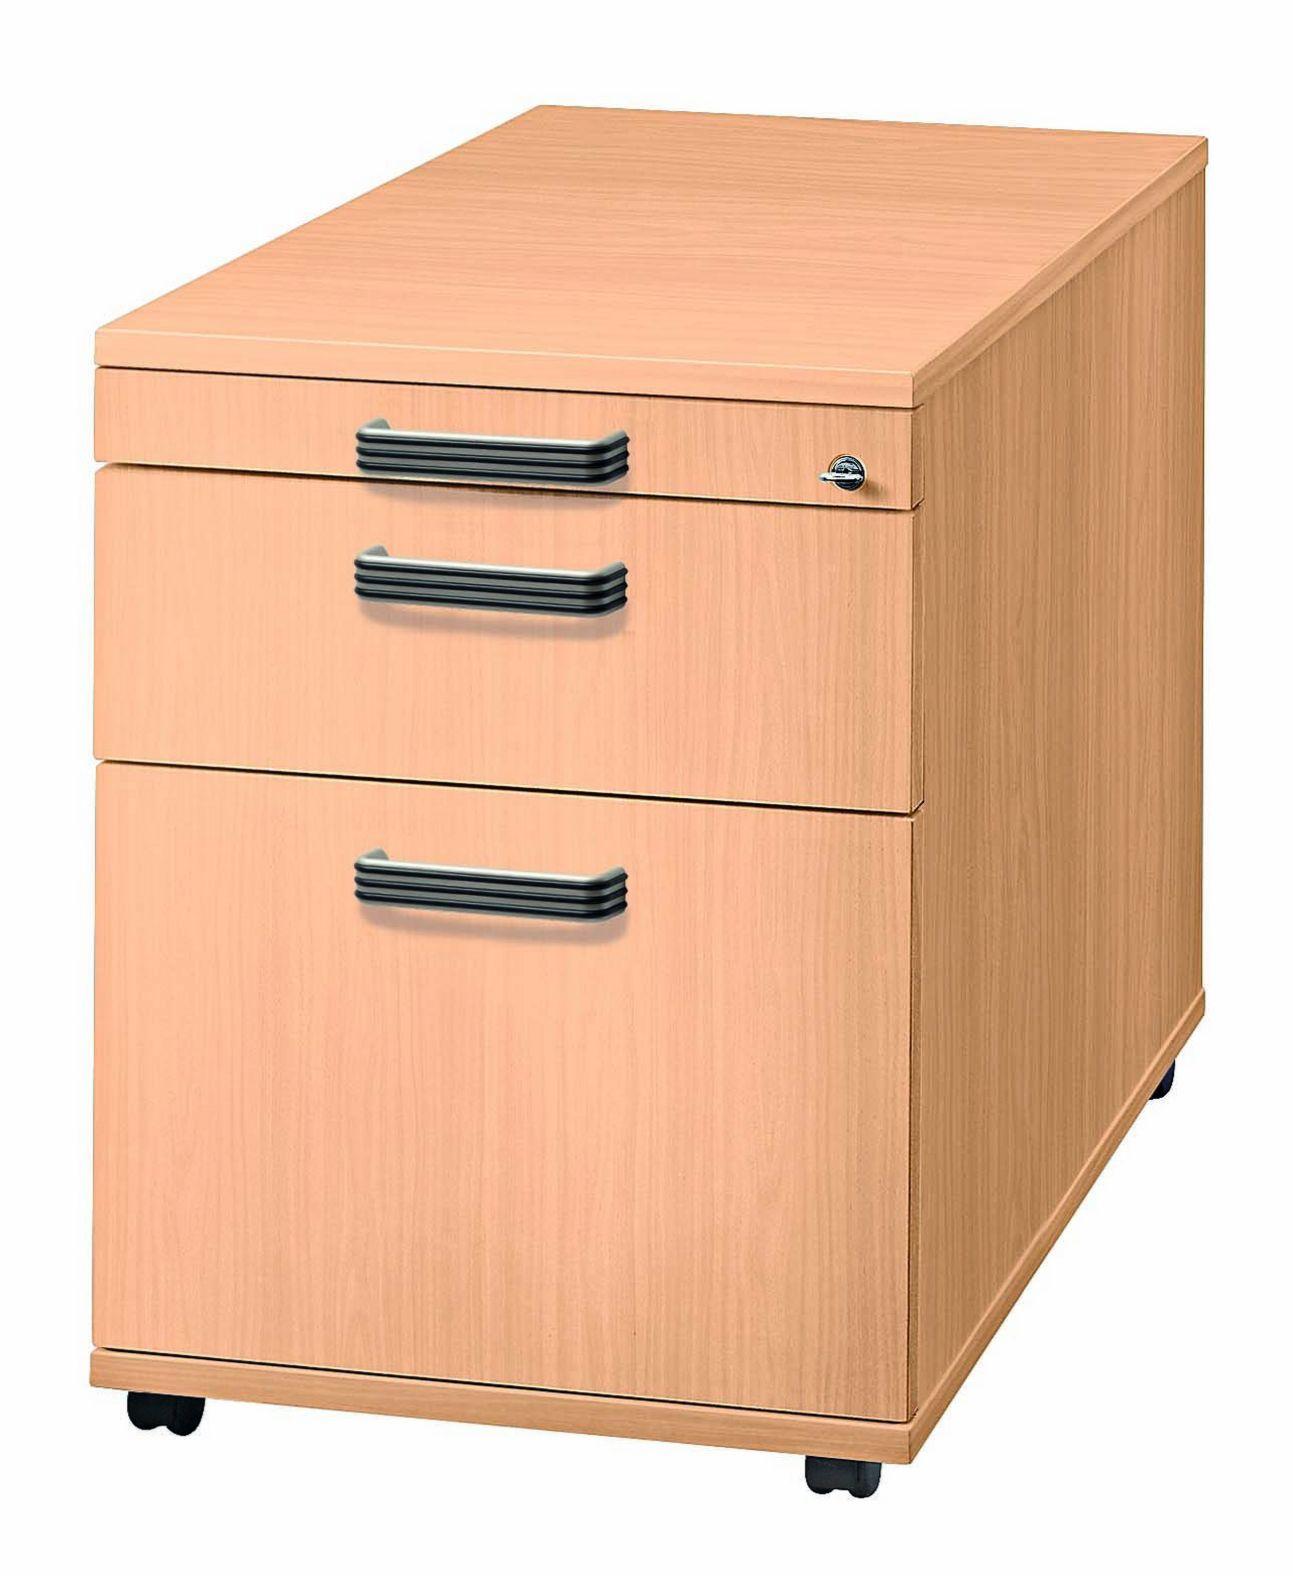 Buche-Schreibtischrollcontainer abschließbar